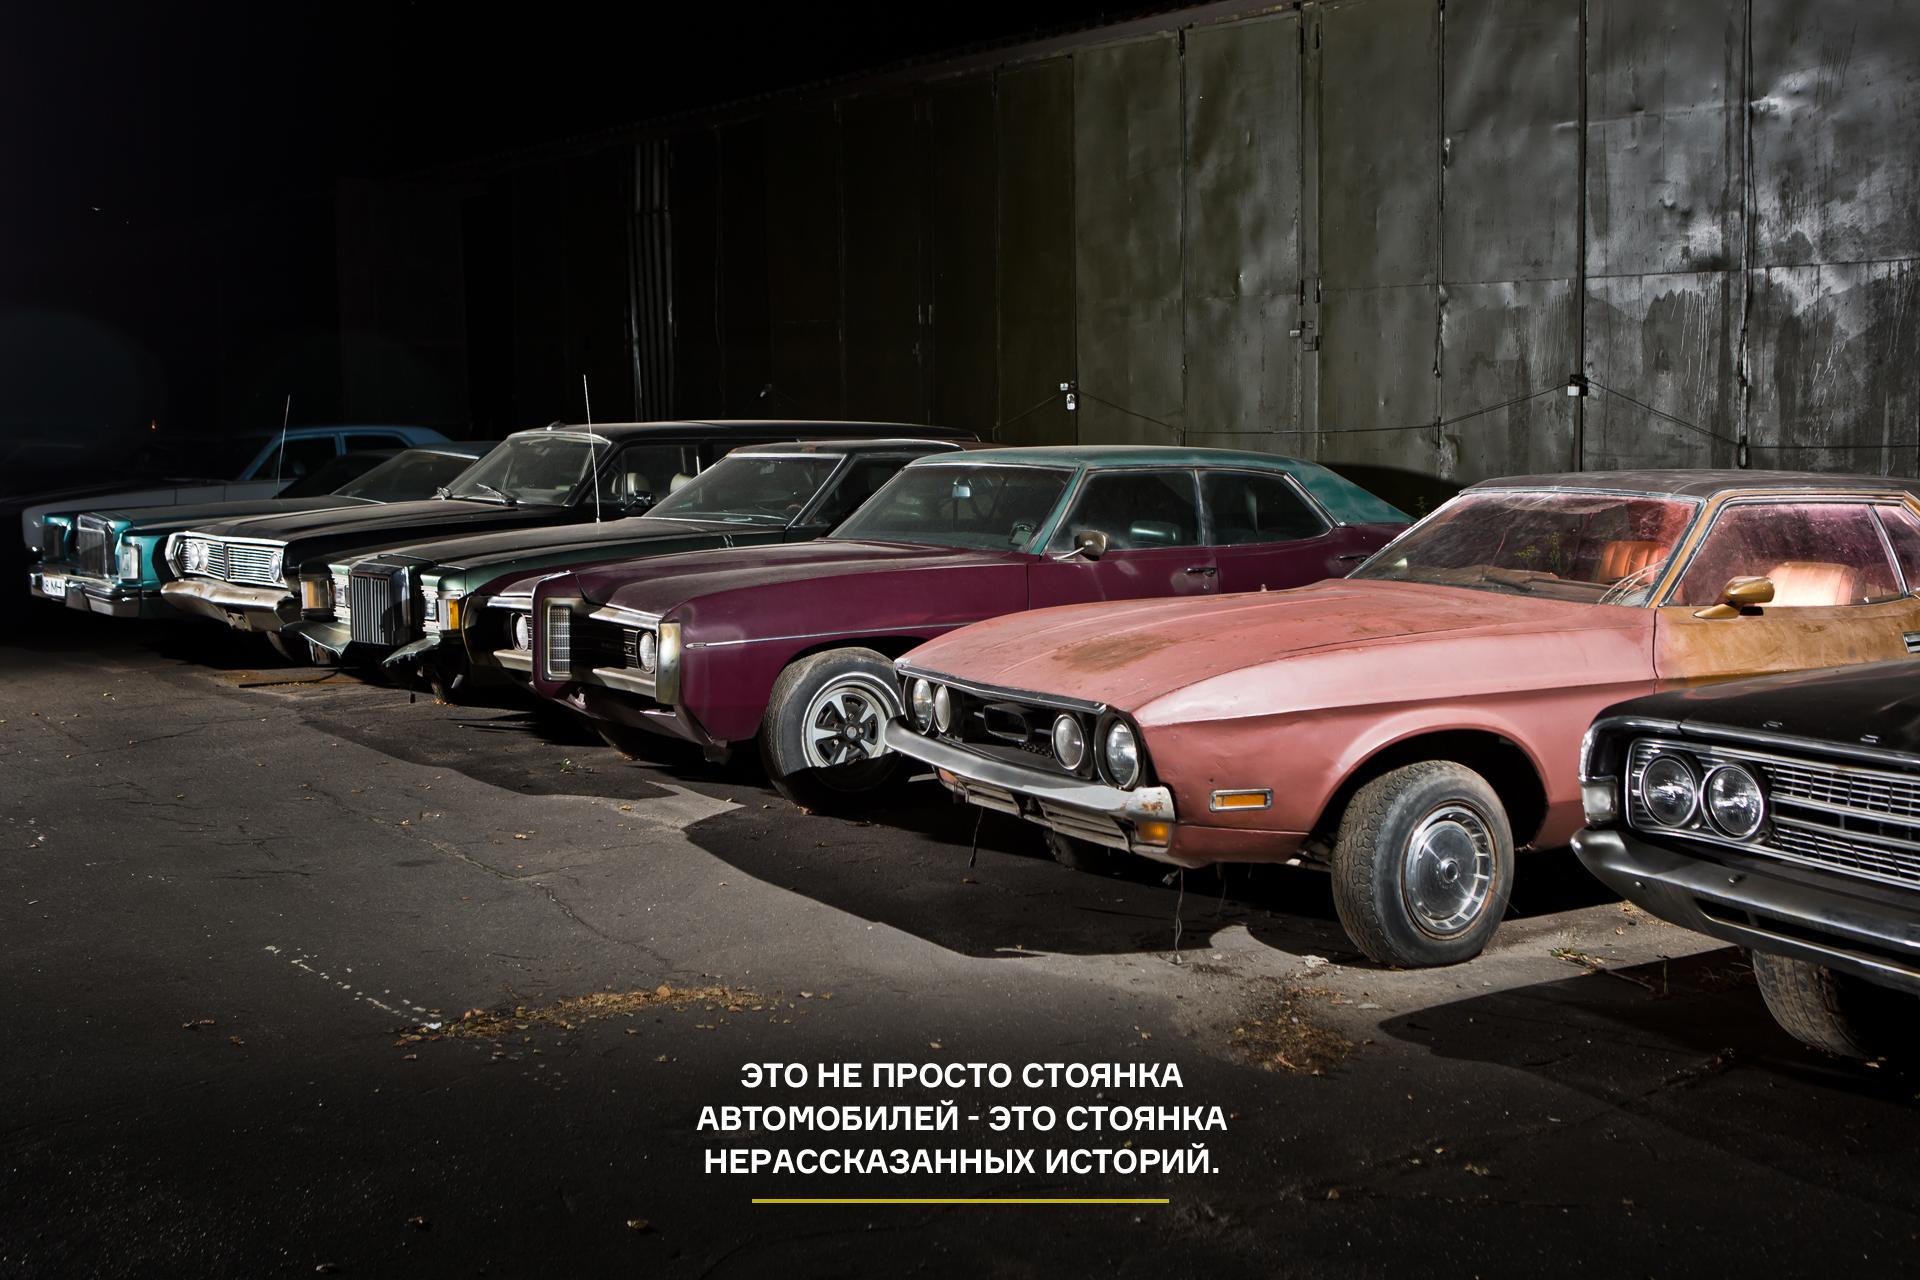 Mustang Брежнева, Cadillac в обмен на черную икру  — иномарки с советской историей, часть вторая. Фото 3